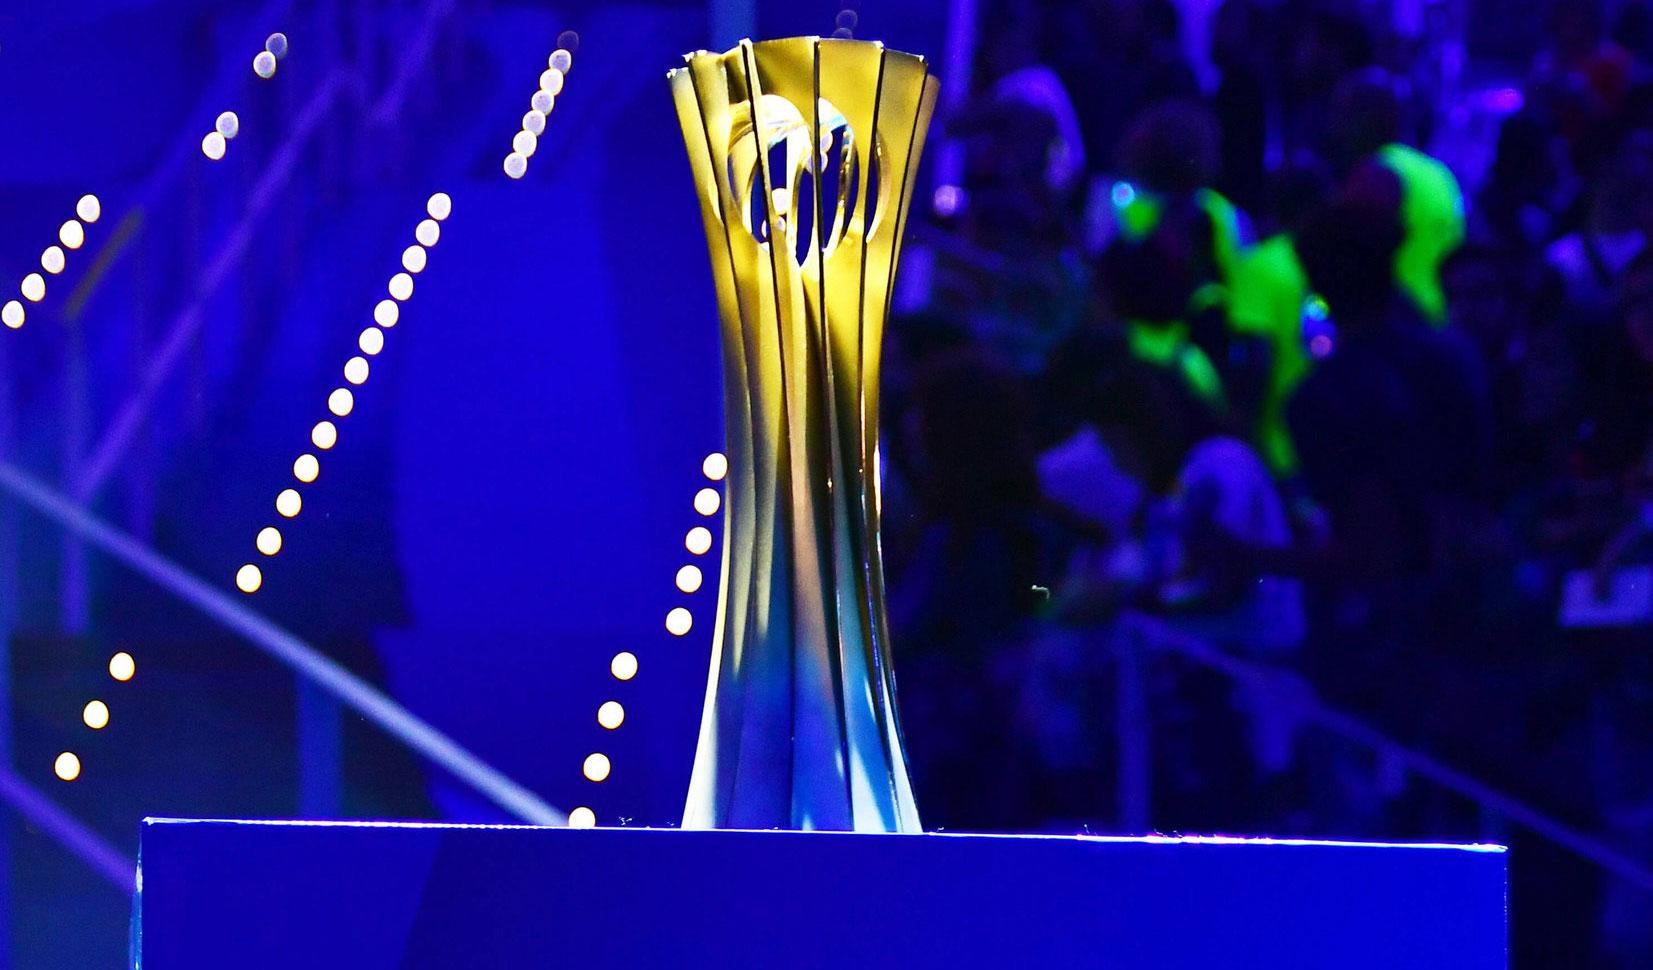 В 2022 году в России пройдет Чемпионат мира по волейболу